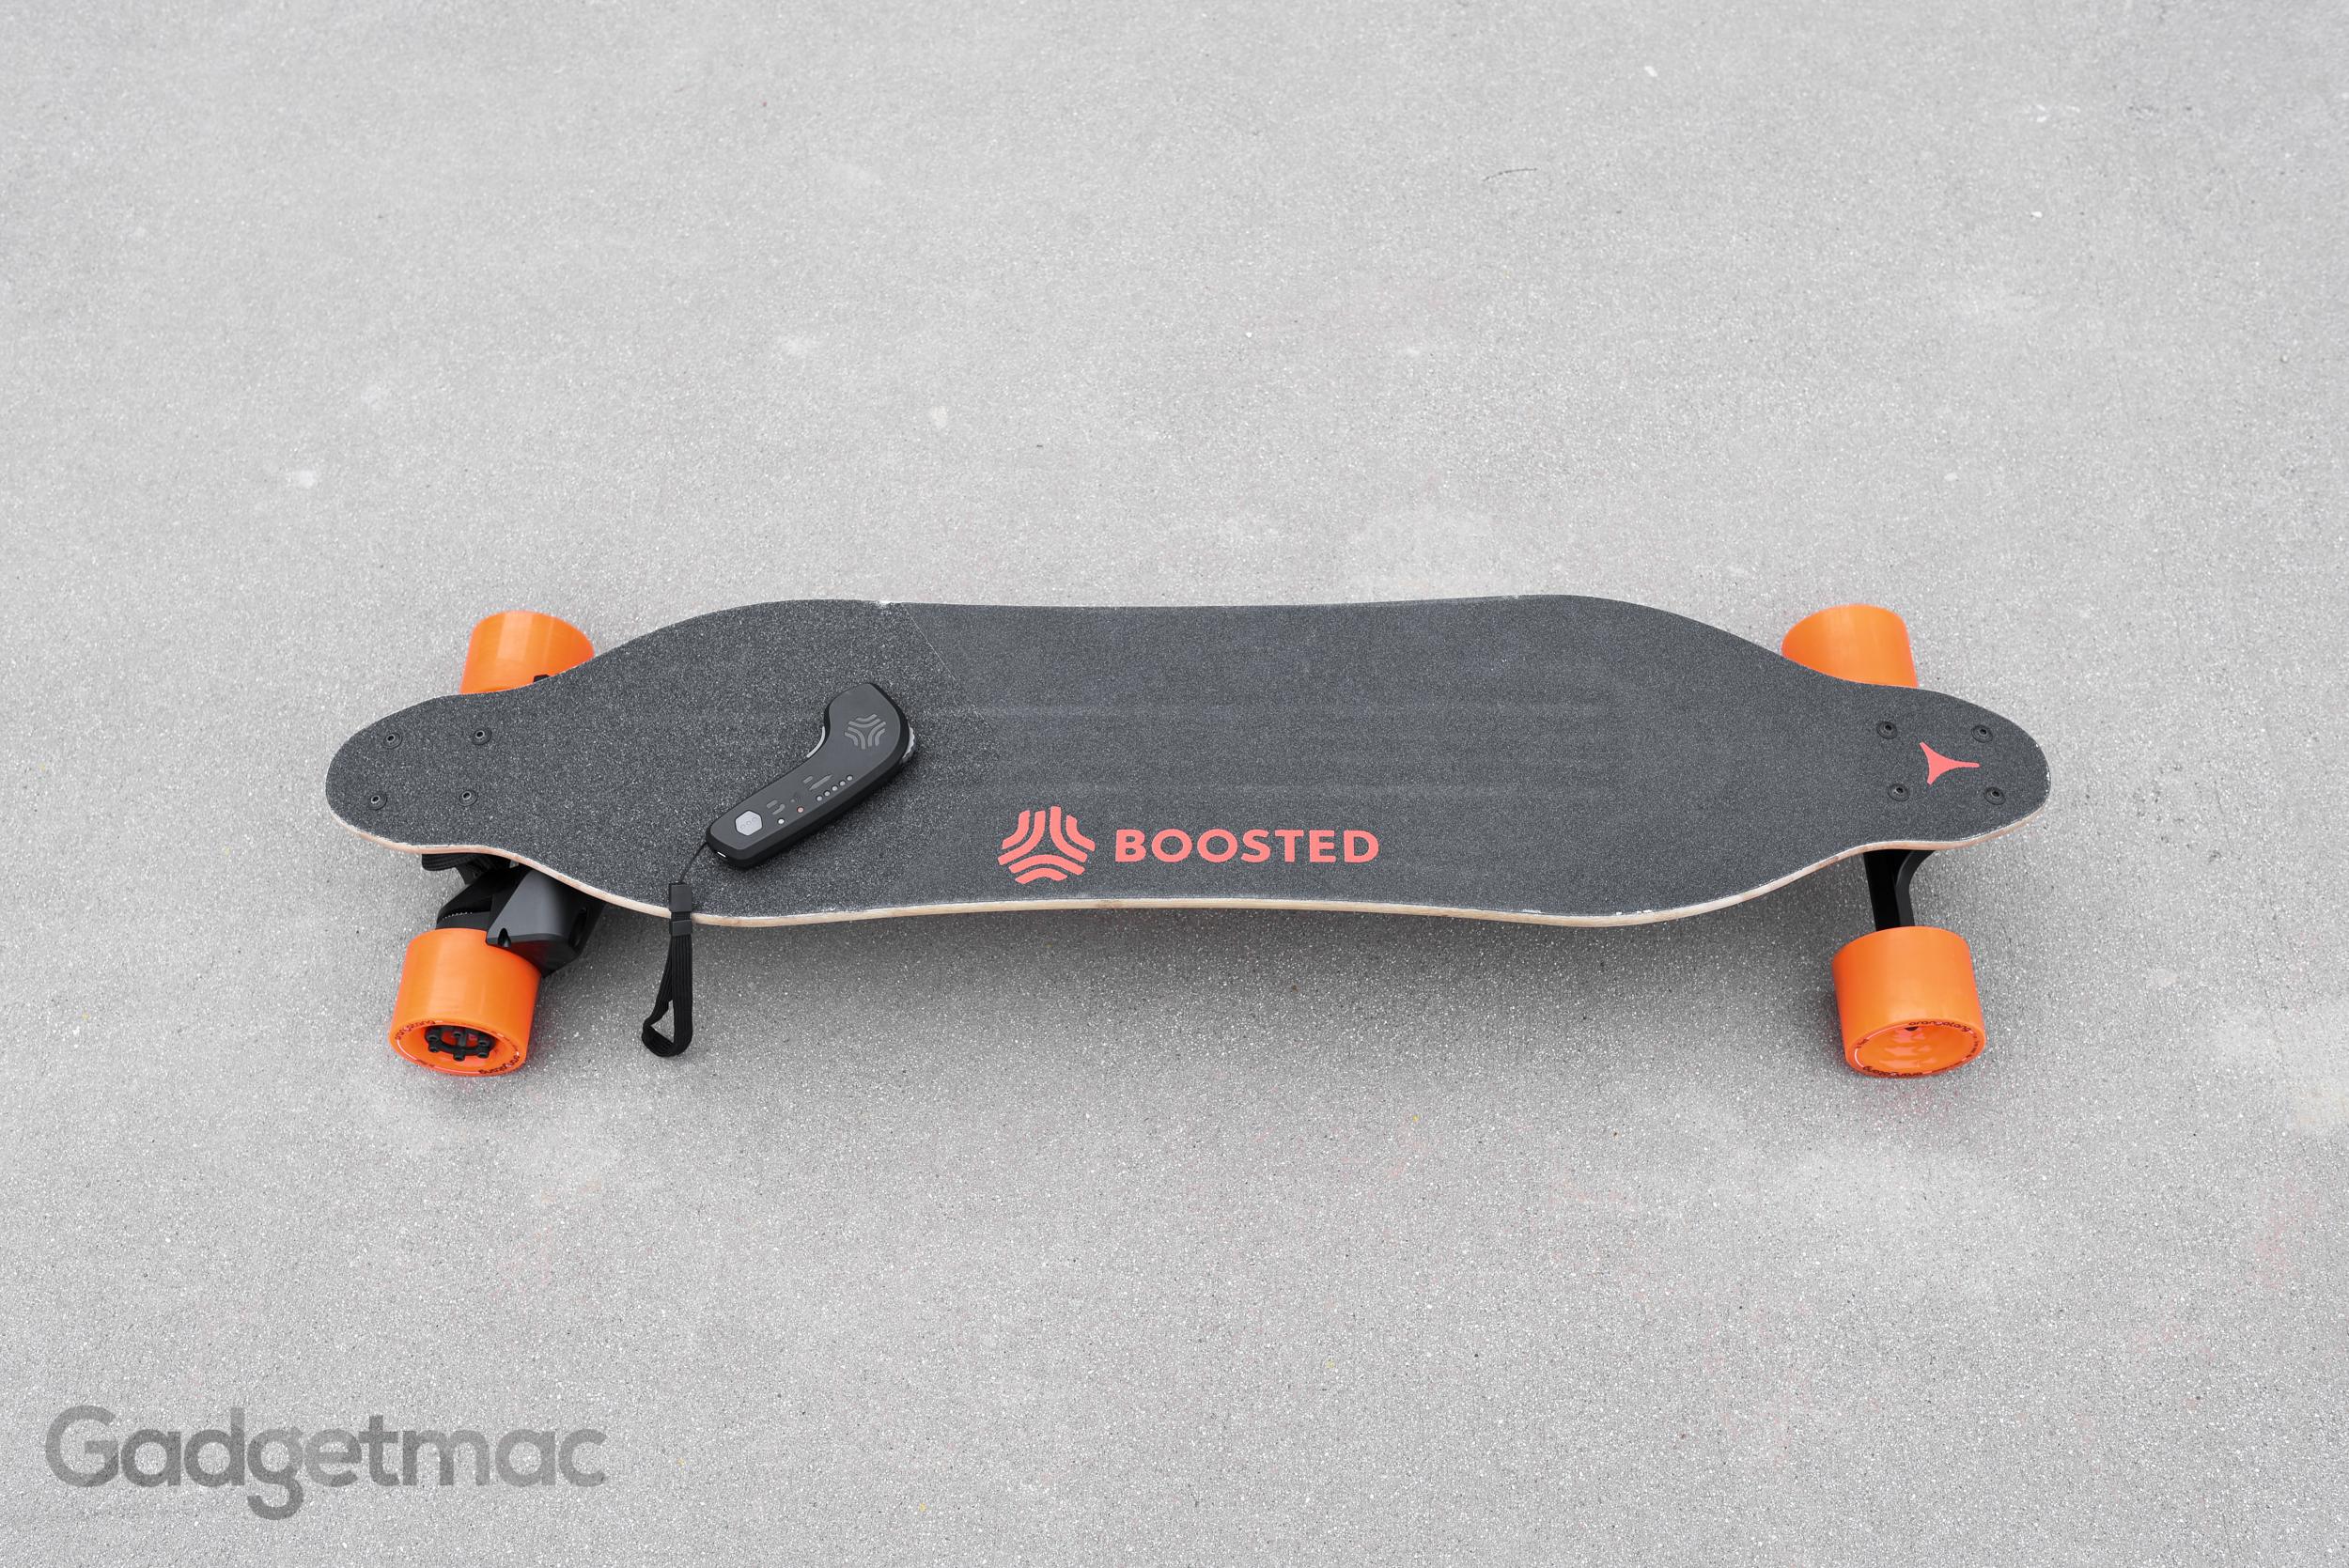 boosted-board-dual-plus-motorized-skateboard.jpg